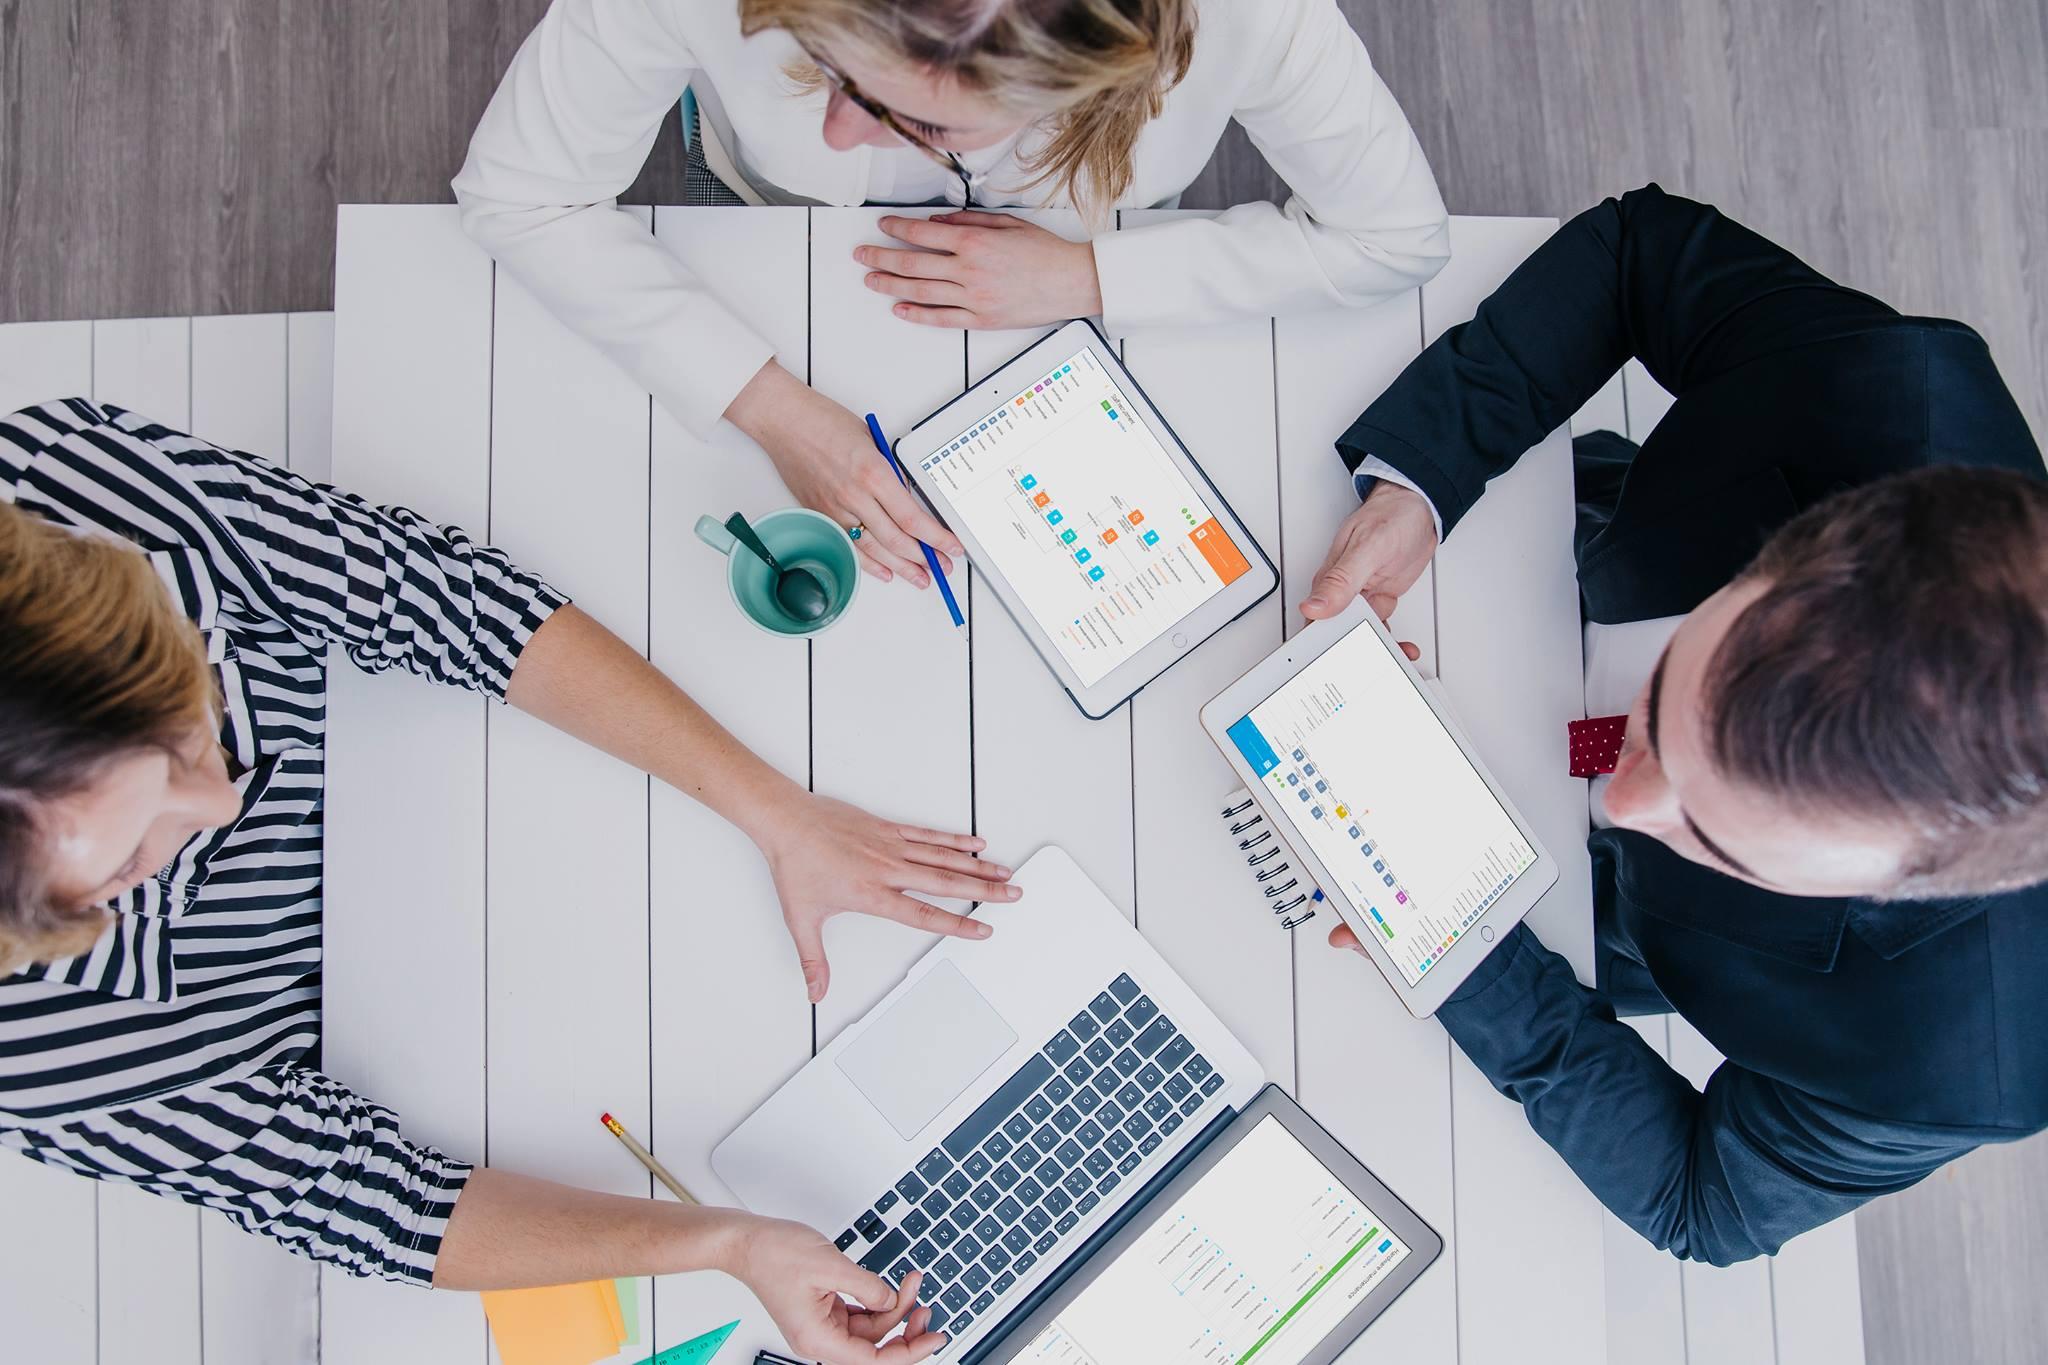 Что такое технологии управления бизнес-процессами и действительно ли они помогают бизнесу?